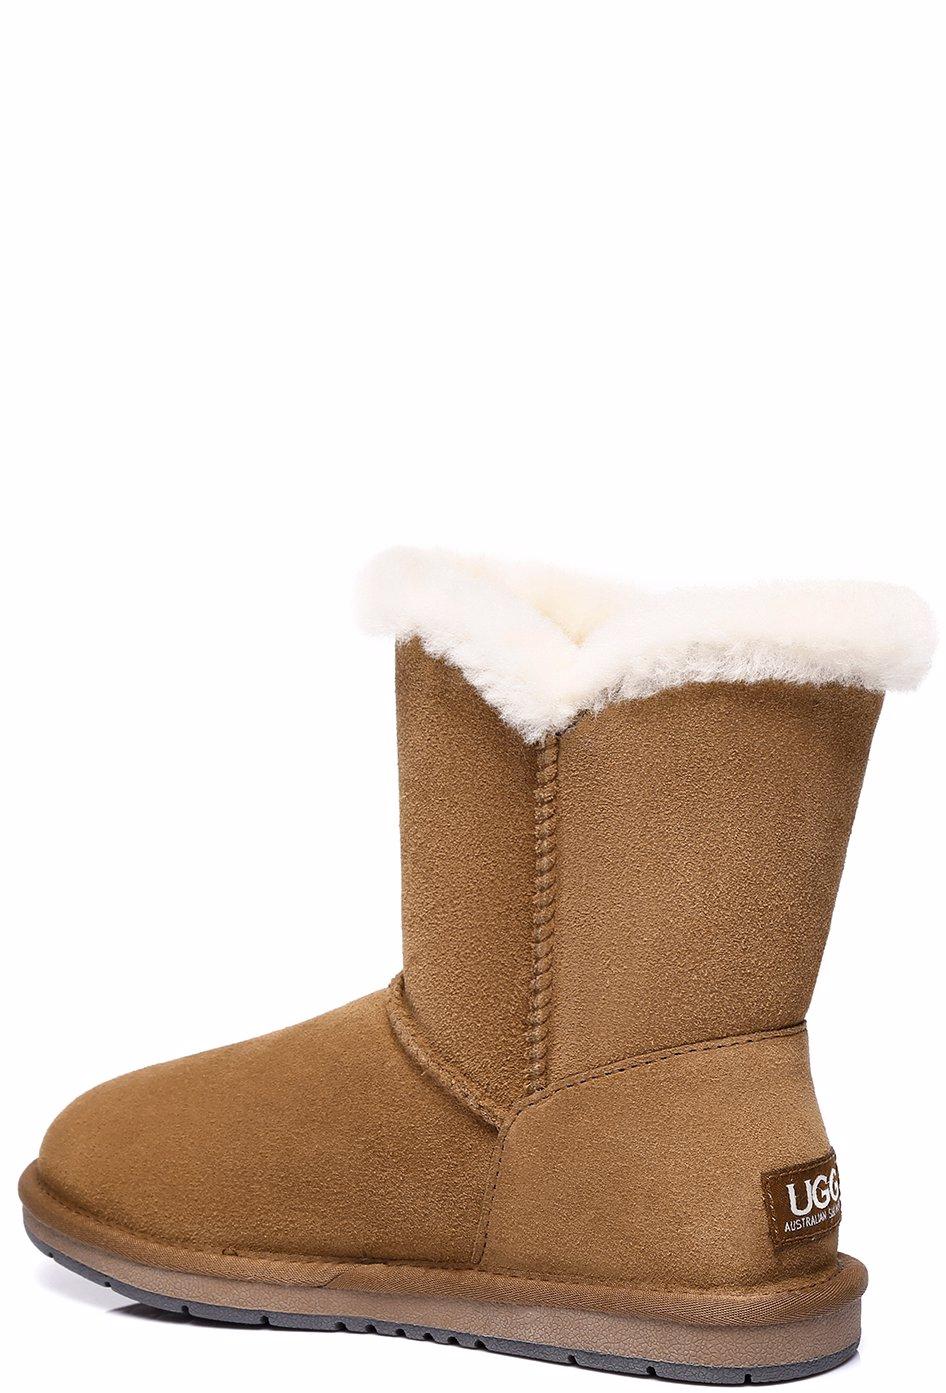 50831750f34 AS UGG Short Button Boots Alva #511021 Chestnut AU Ladies 4 / AU Men 2 / EU  35